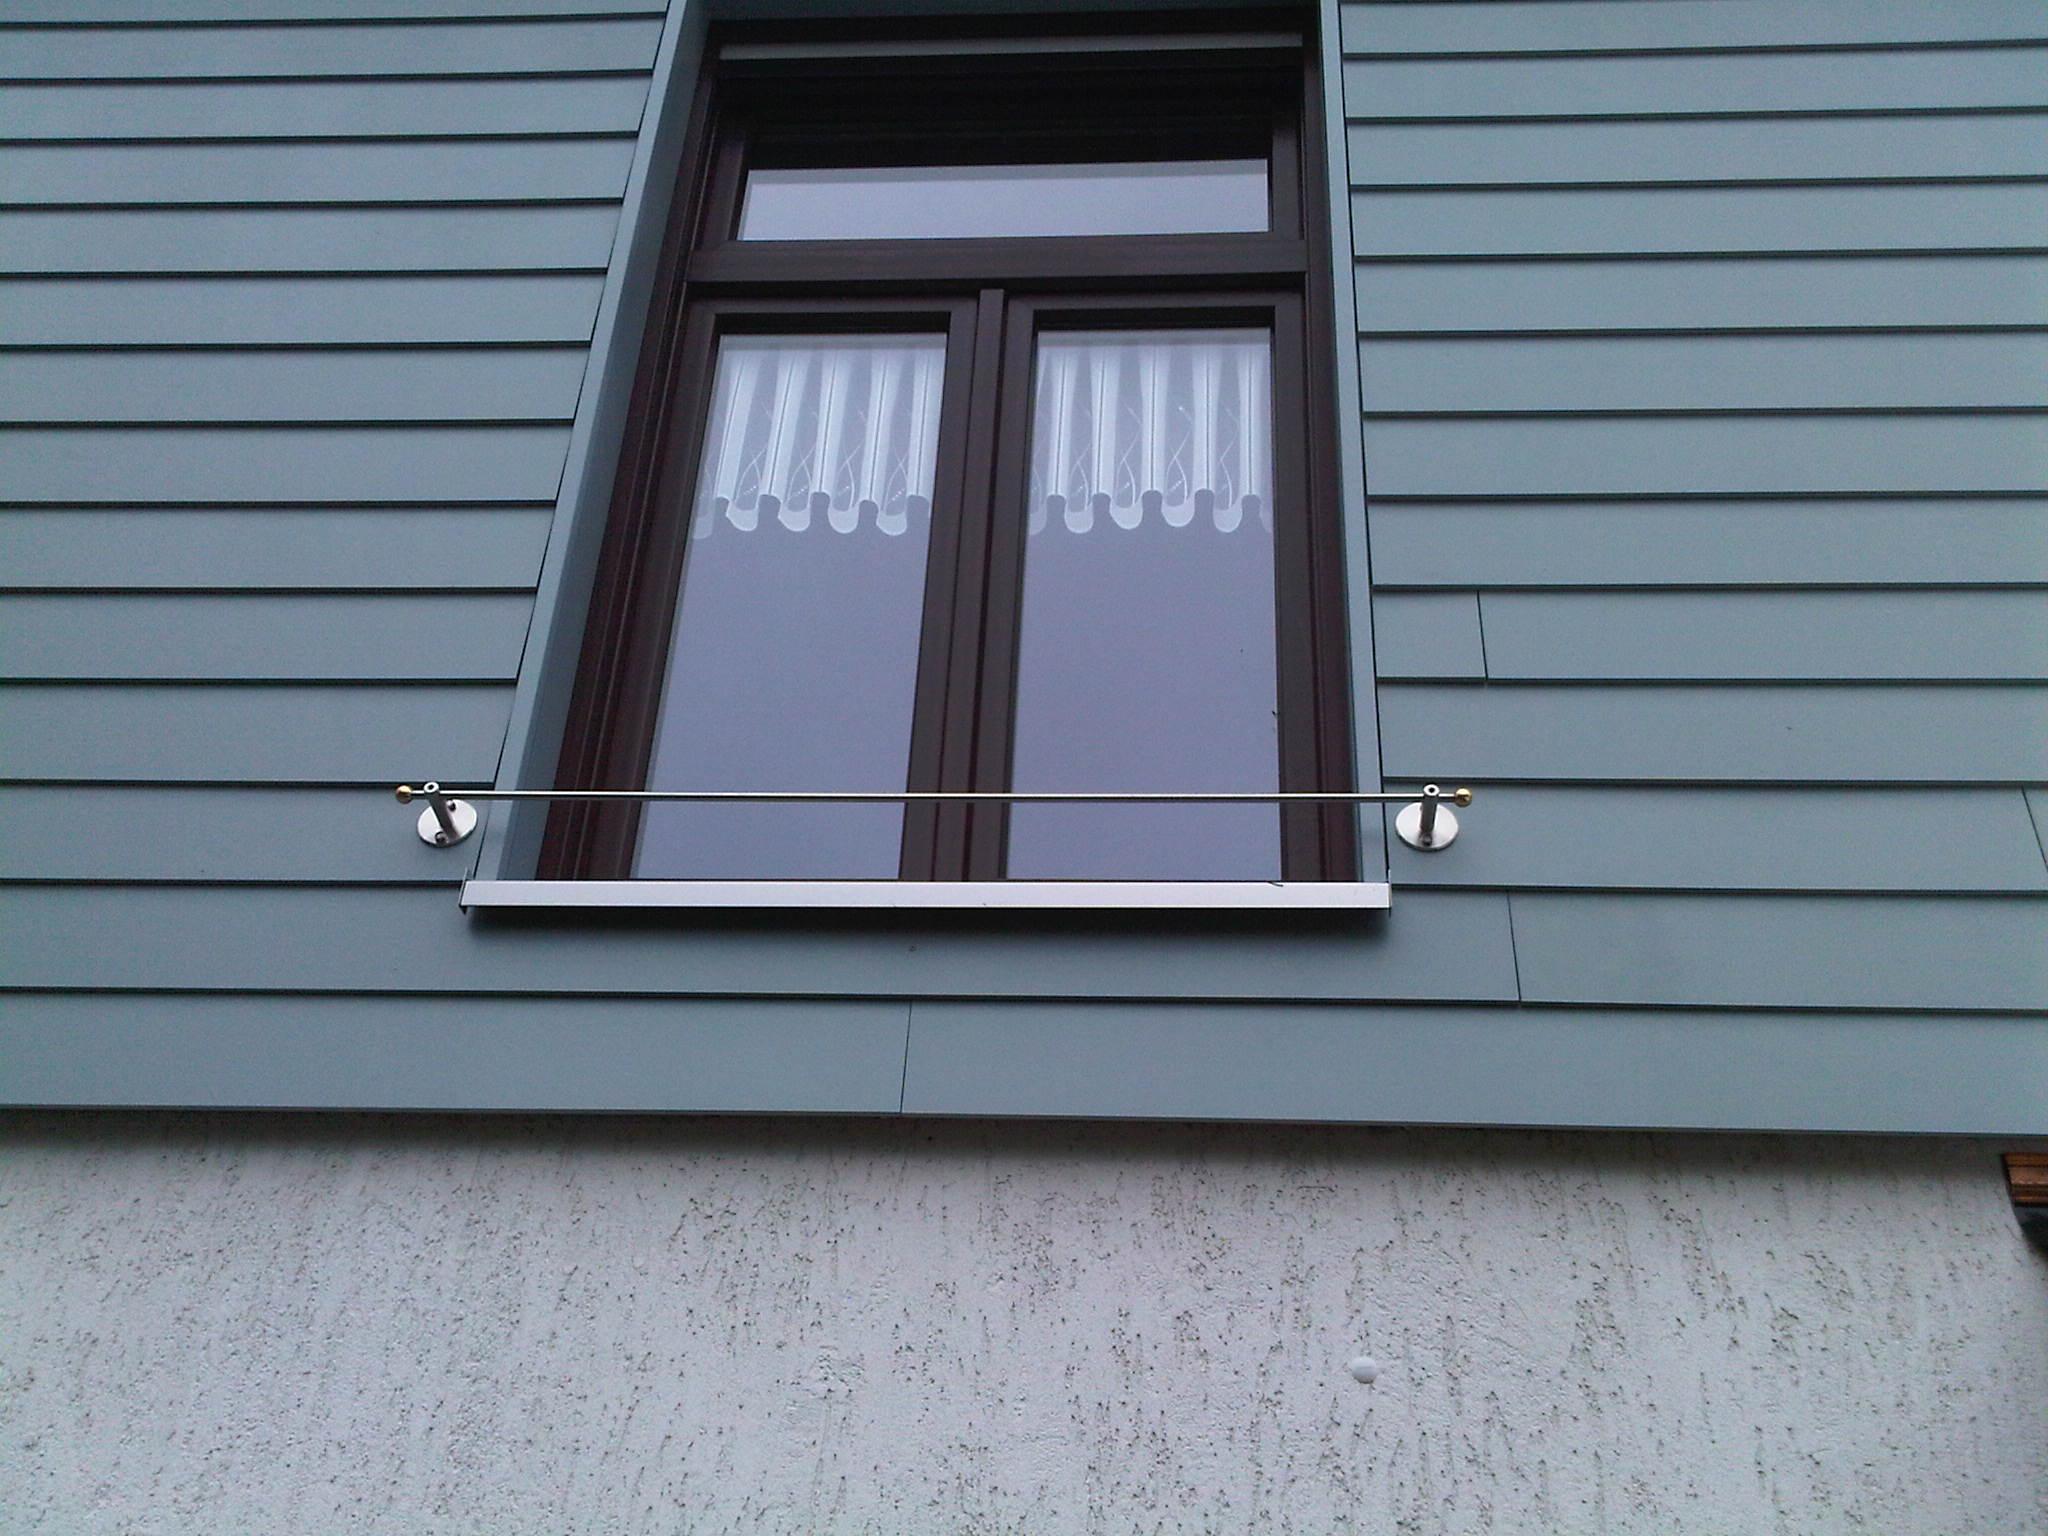 metallbau wuppertal gel nder edelstahlhaltestange f r blumenk sten. Black Bedroom Furniture Sets. Home Design Ideas